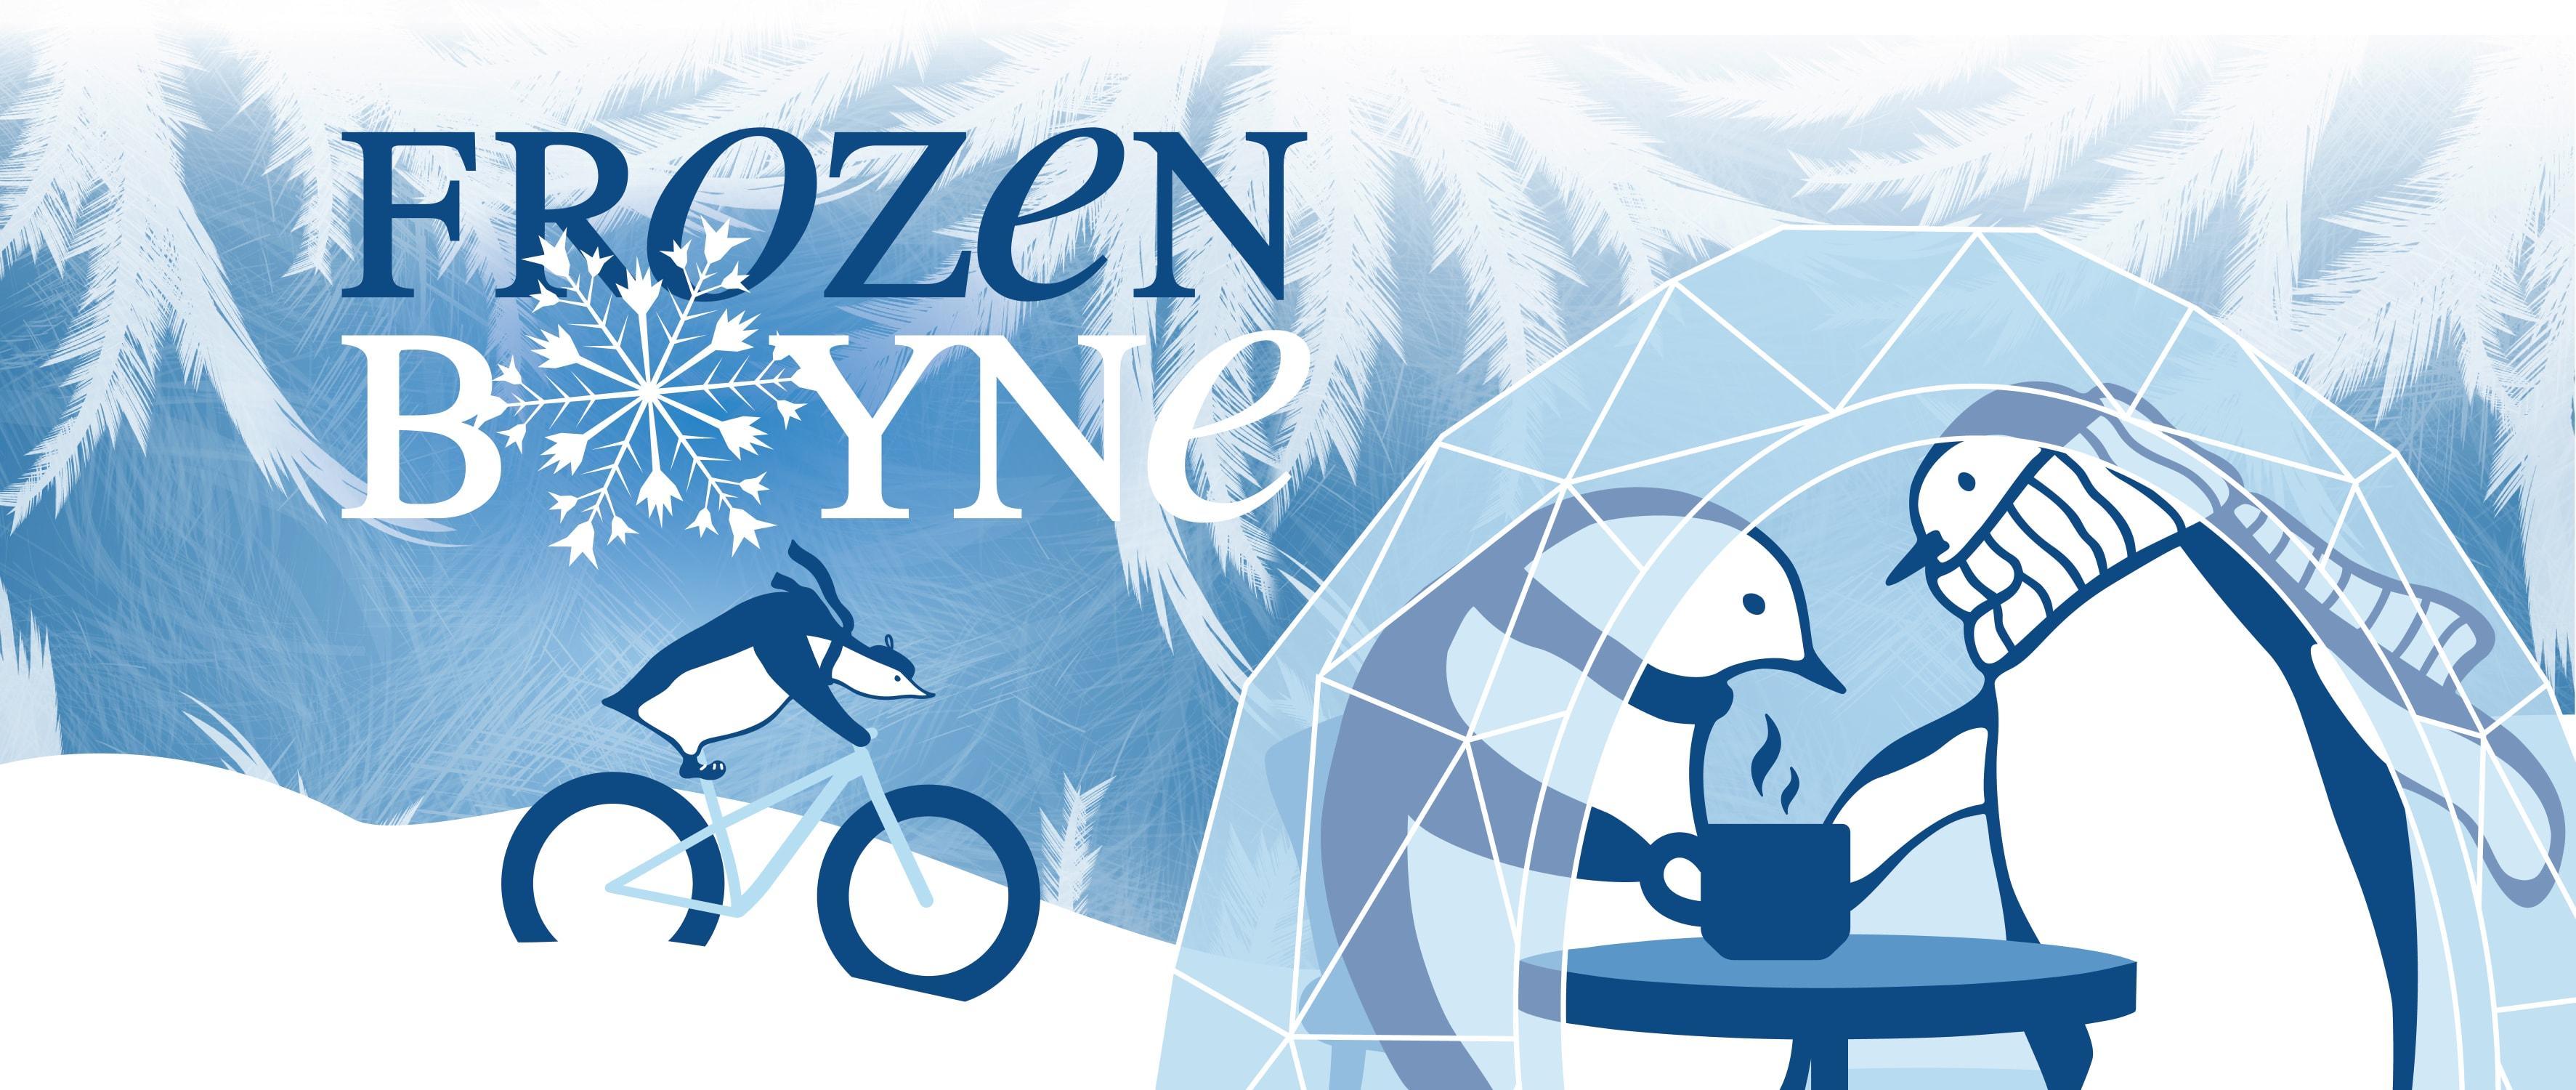 FrozenBoyneFacebook-w3546.jpg